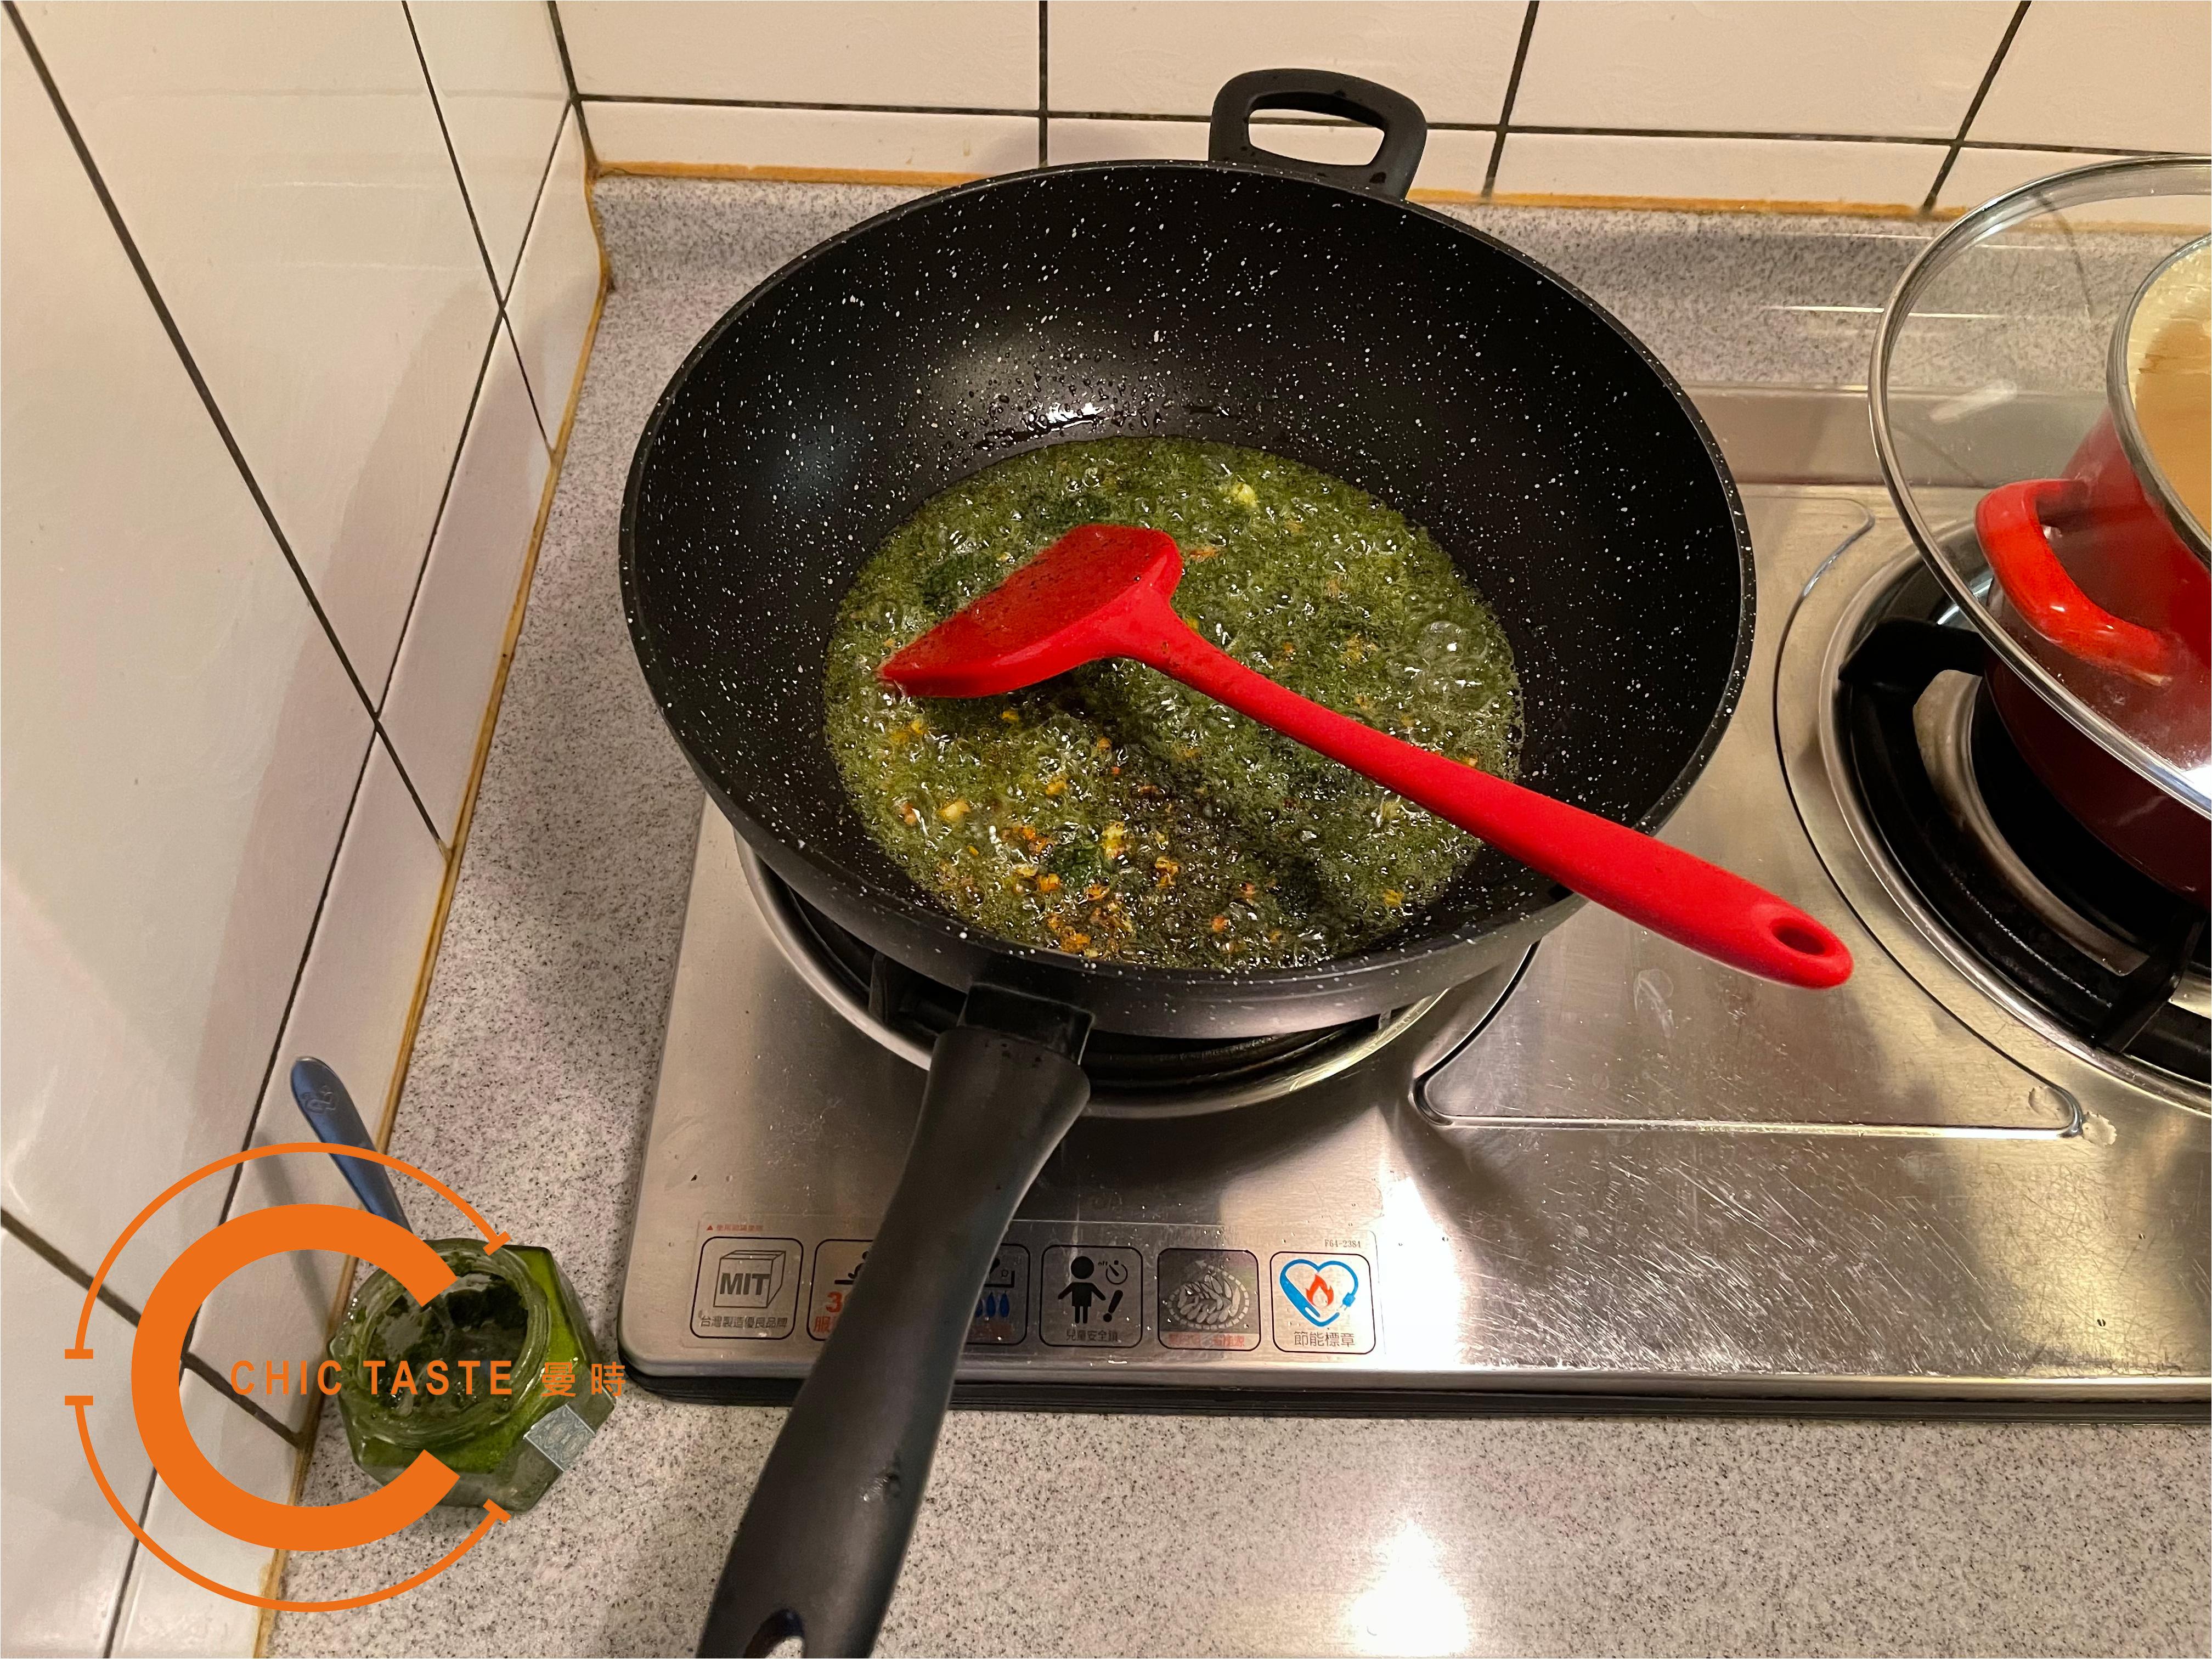 曼時創意食譜-青醬葵菇海鮮燉飯2.jpg